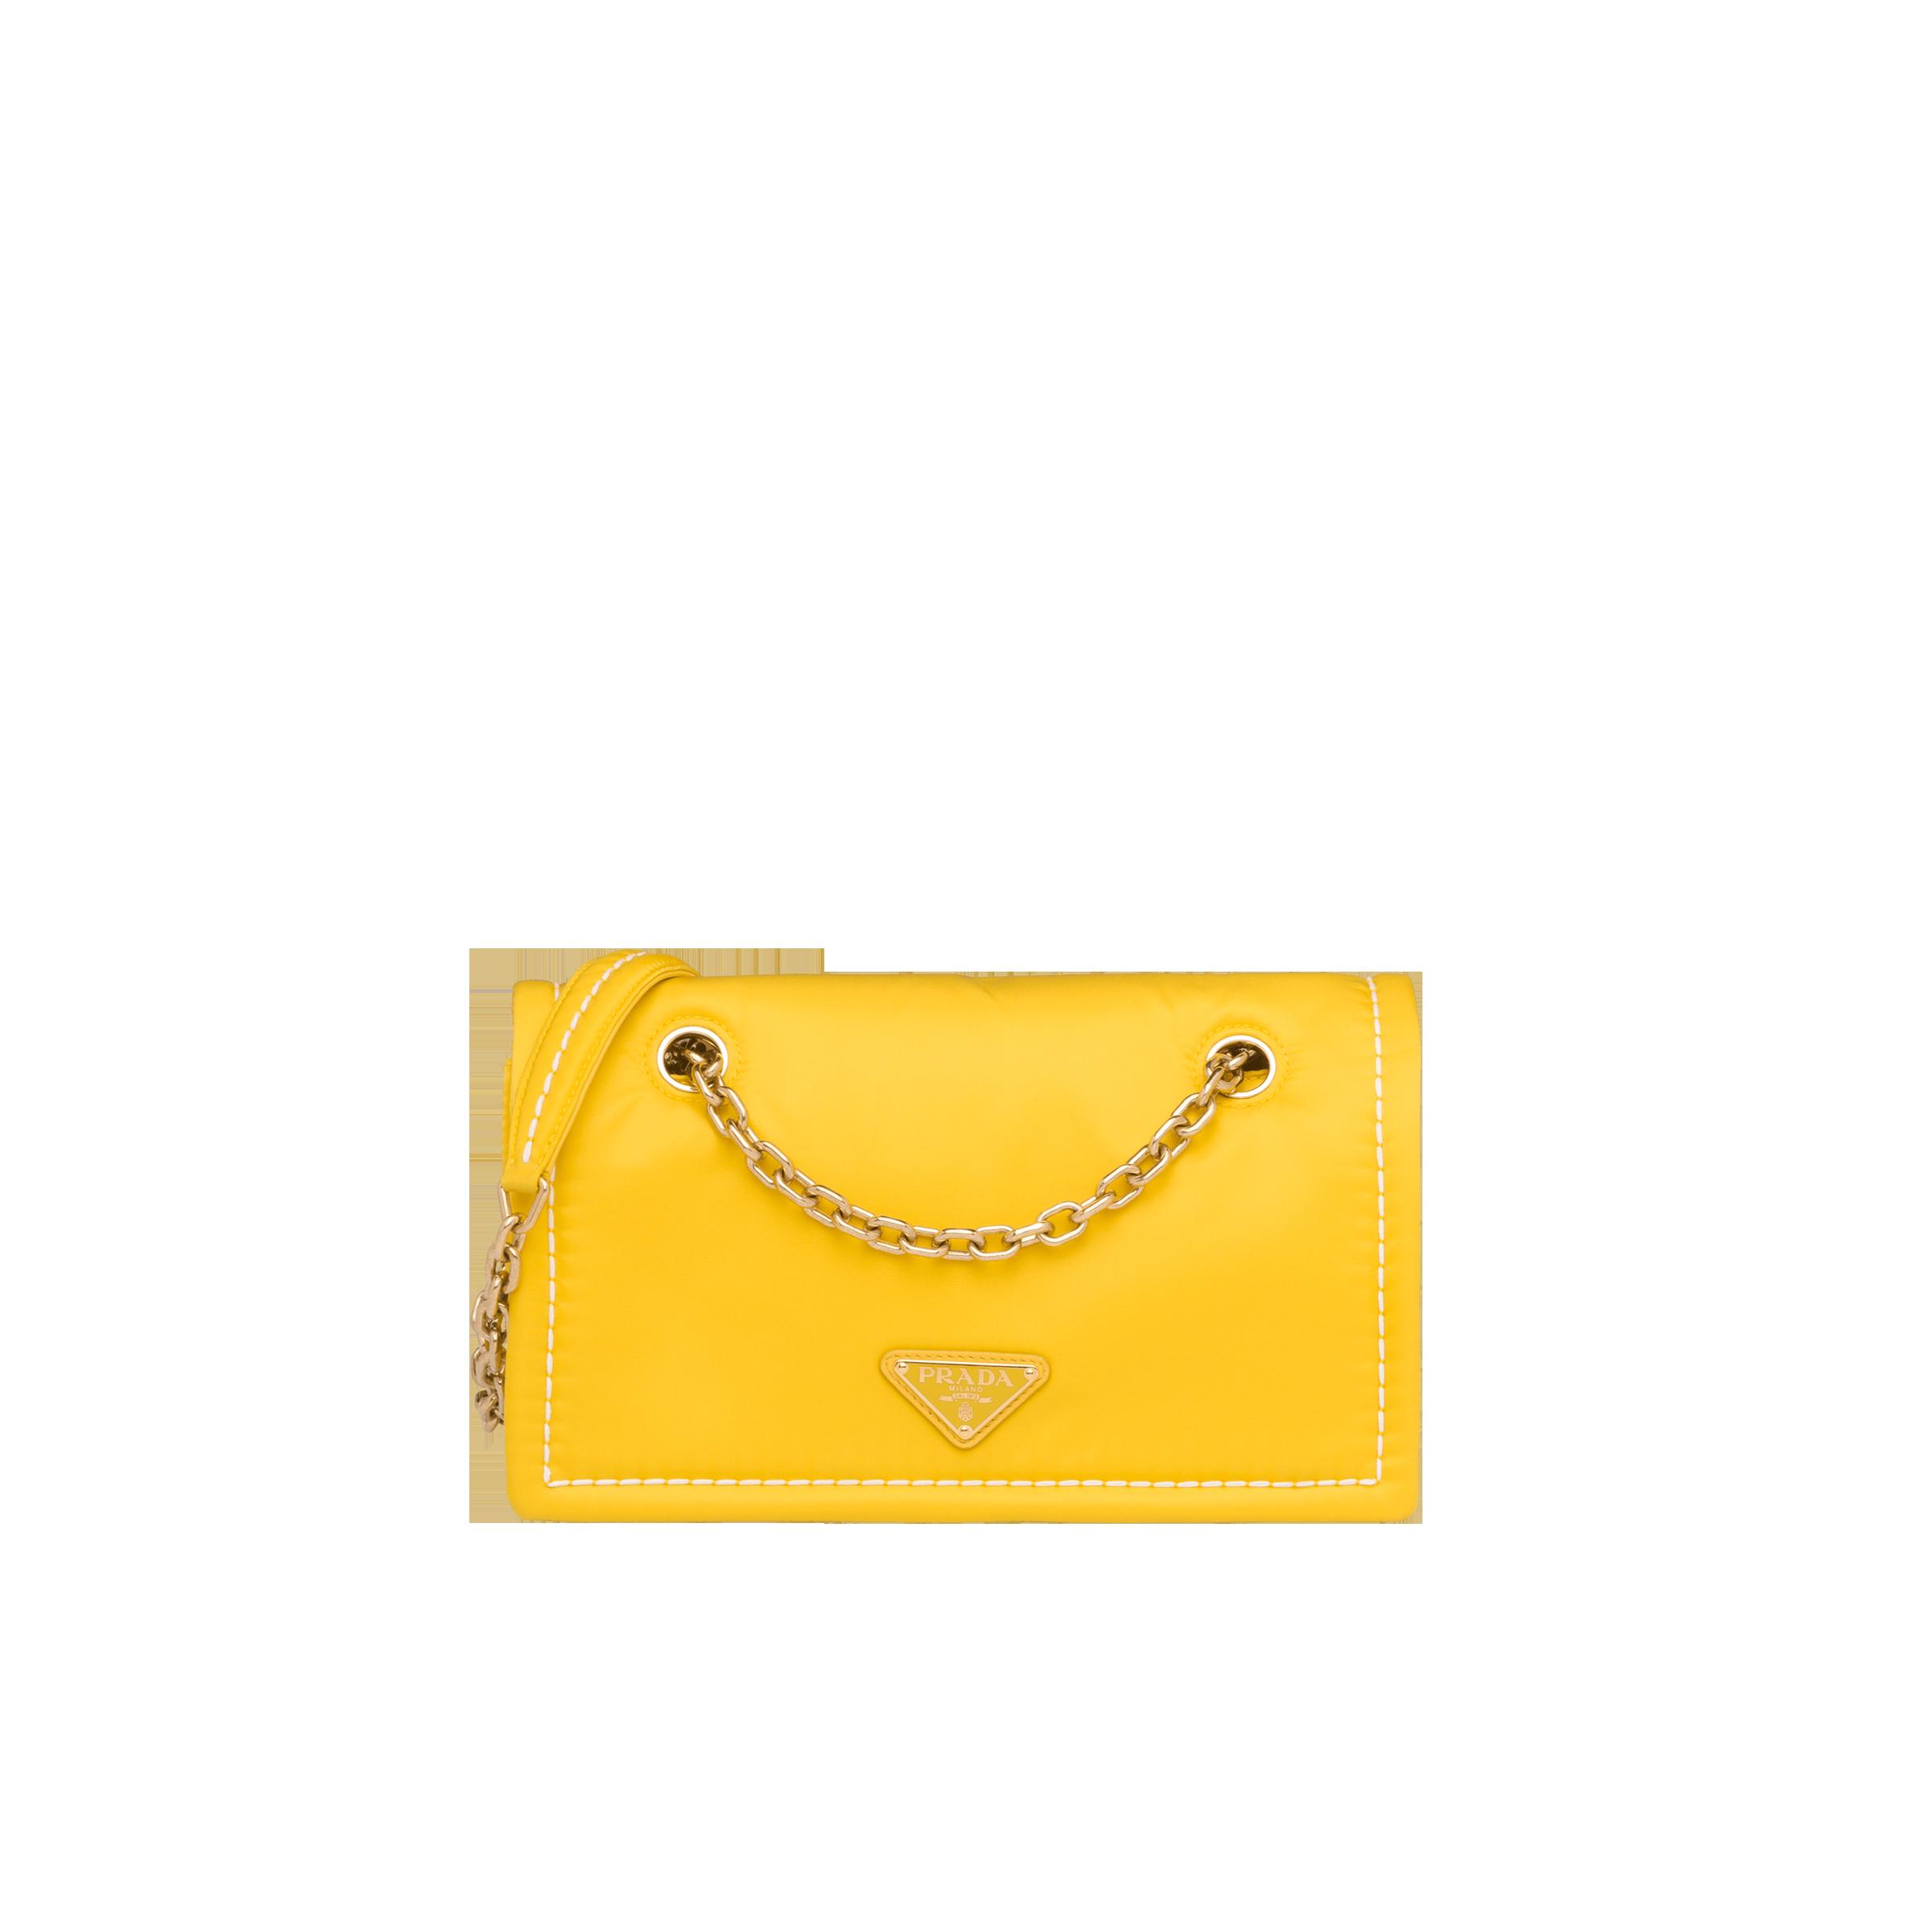 026075c32d50 Bags for Women | Prada